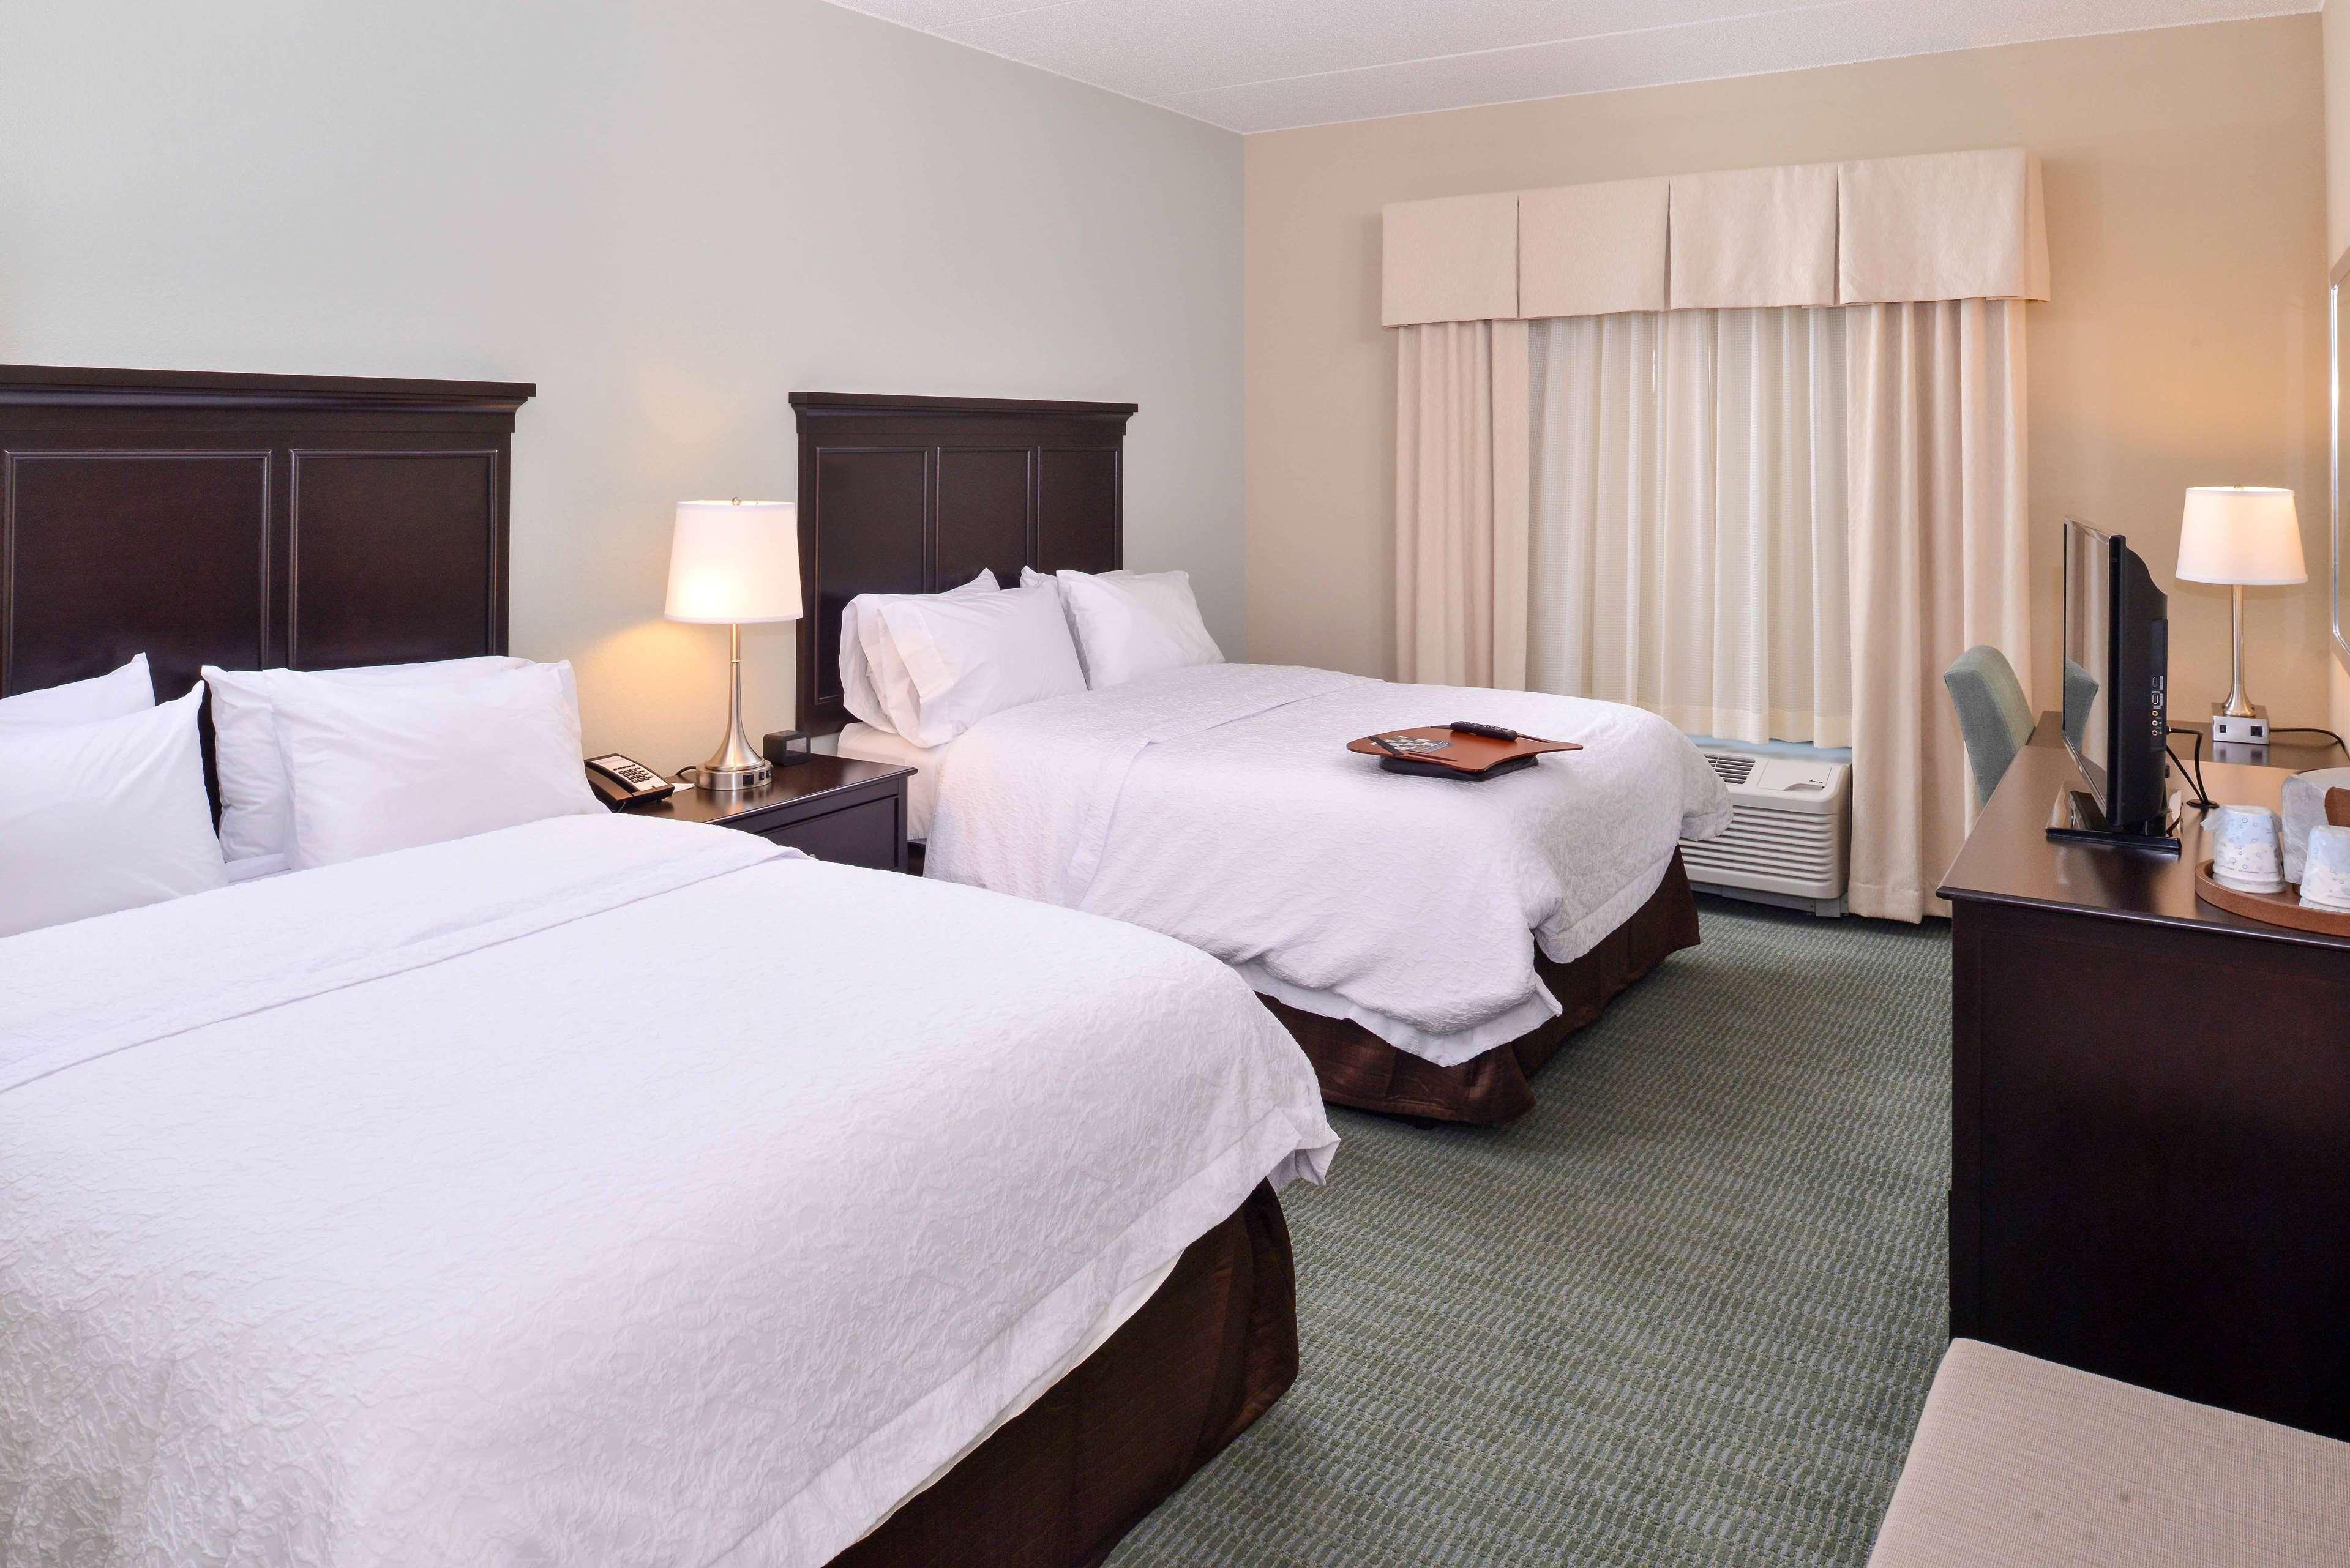 Hampton Inn & Suites Mount Joy/Lancaster West image 21